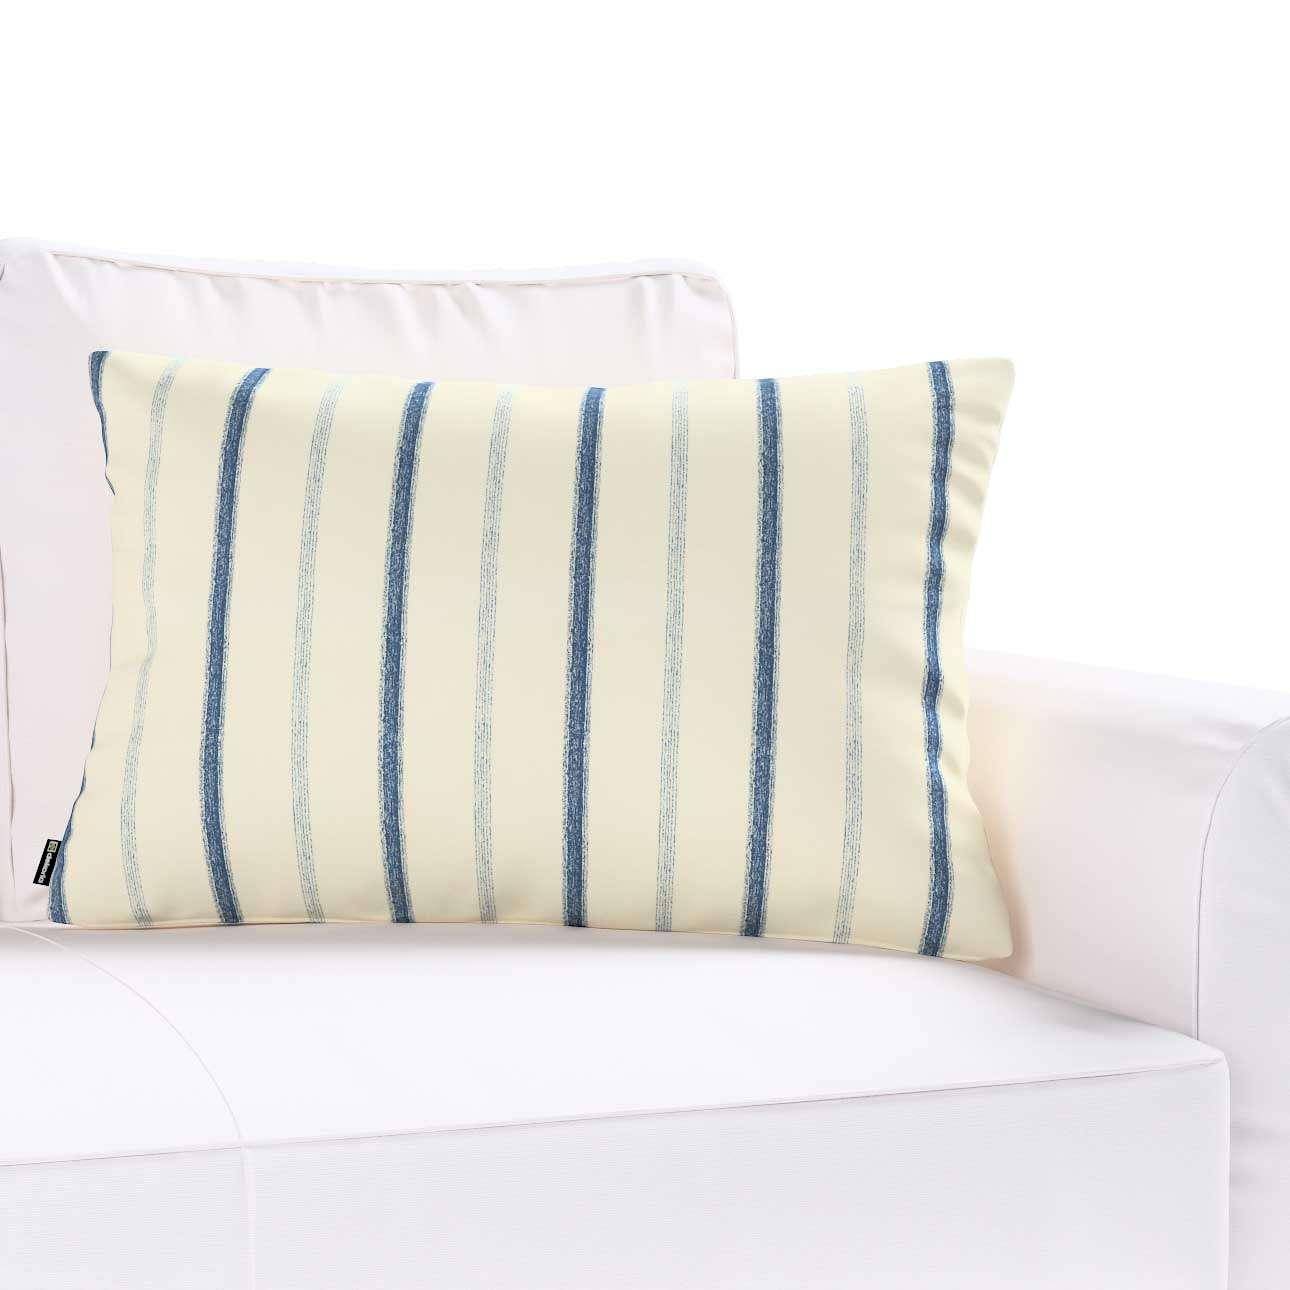 Poszewka Kinga na poduszkę prostokątną w kolekcji Avinon, tkanina: 129-66